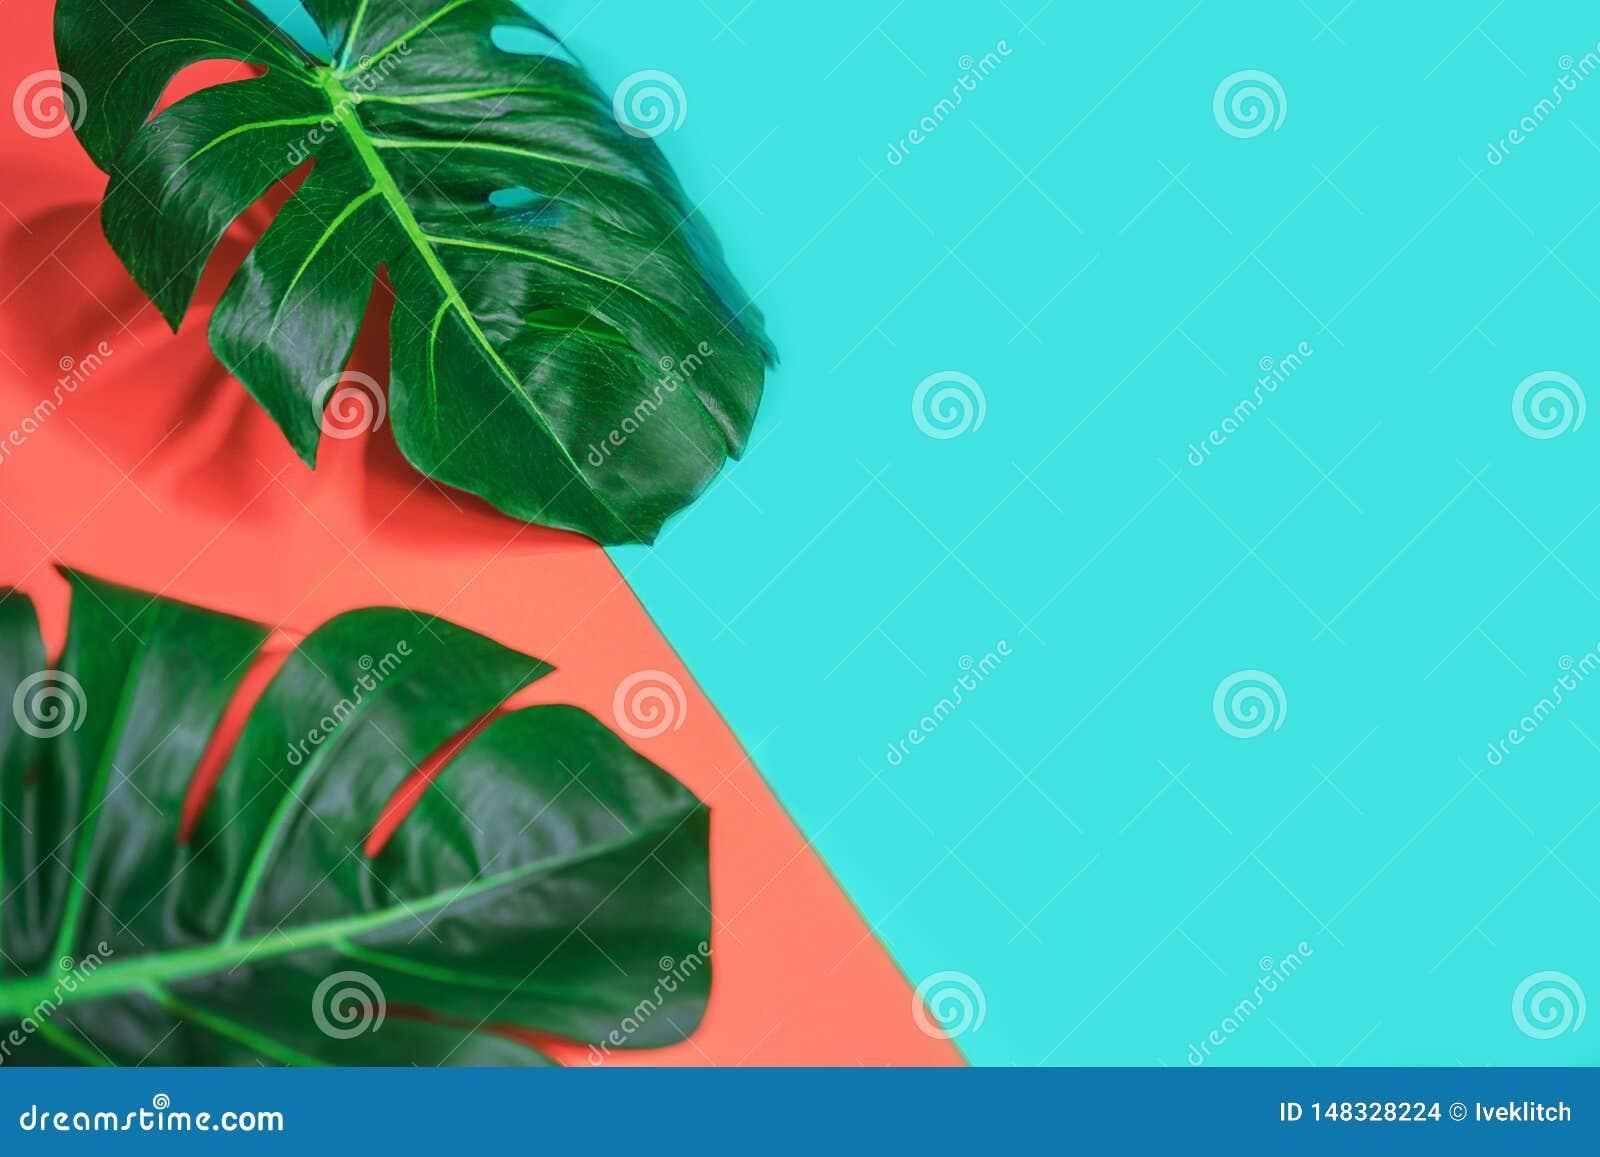 Foglie verdi tropicali di monstera della palma o pianta del formaggio svizzero su corallo rosa e su fondo blu